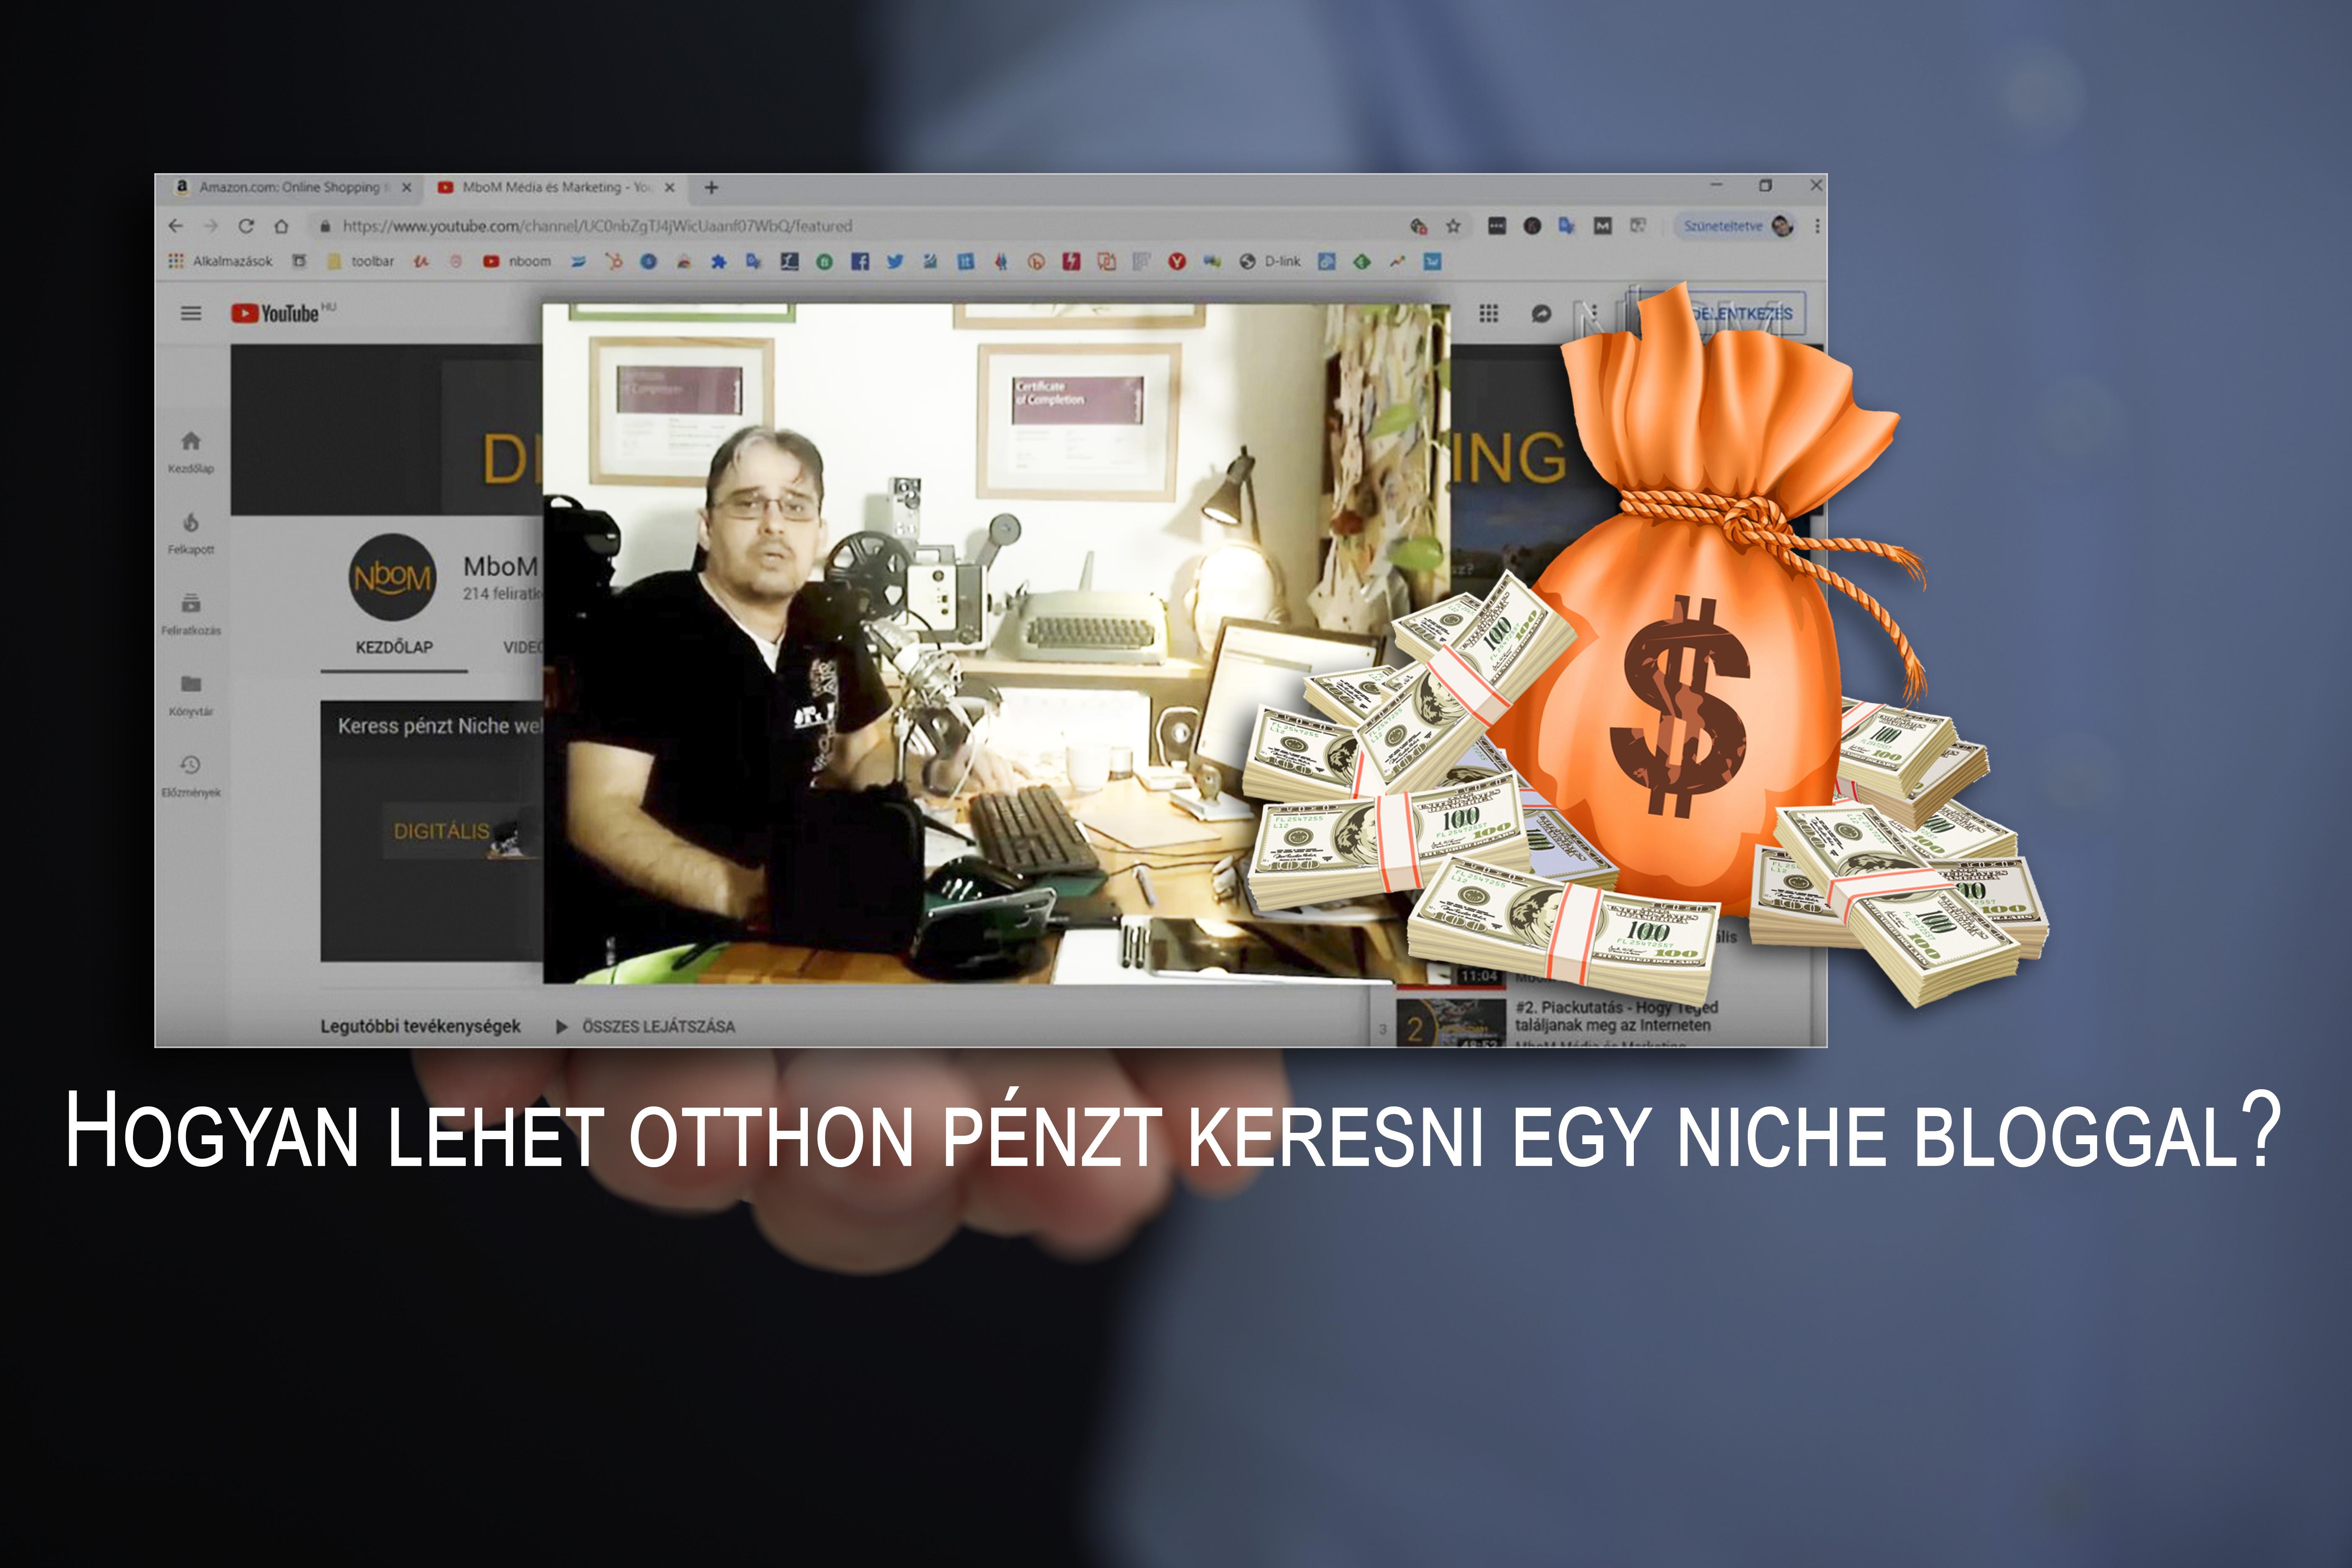 weboldal ötletek az online pénzszerzéshez)